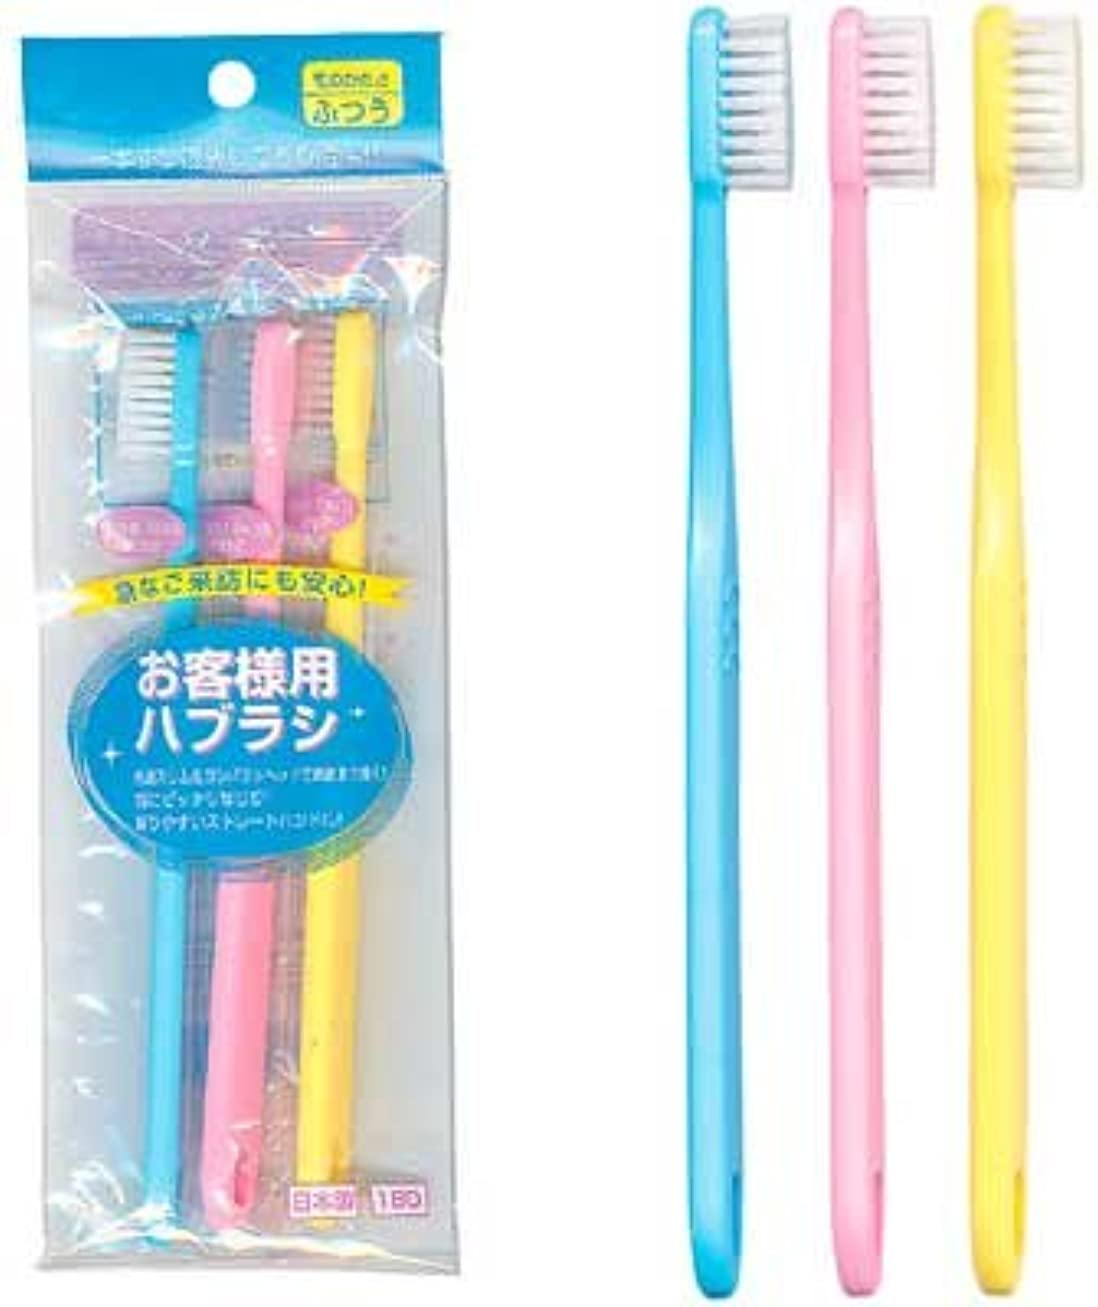 改善する出口シャットお客様用歯ブラシ(3P) 【まとめ買い12個セット】 41-006